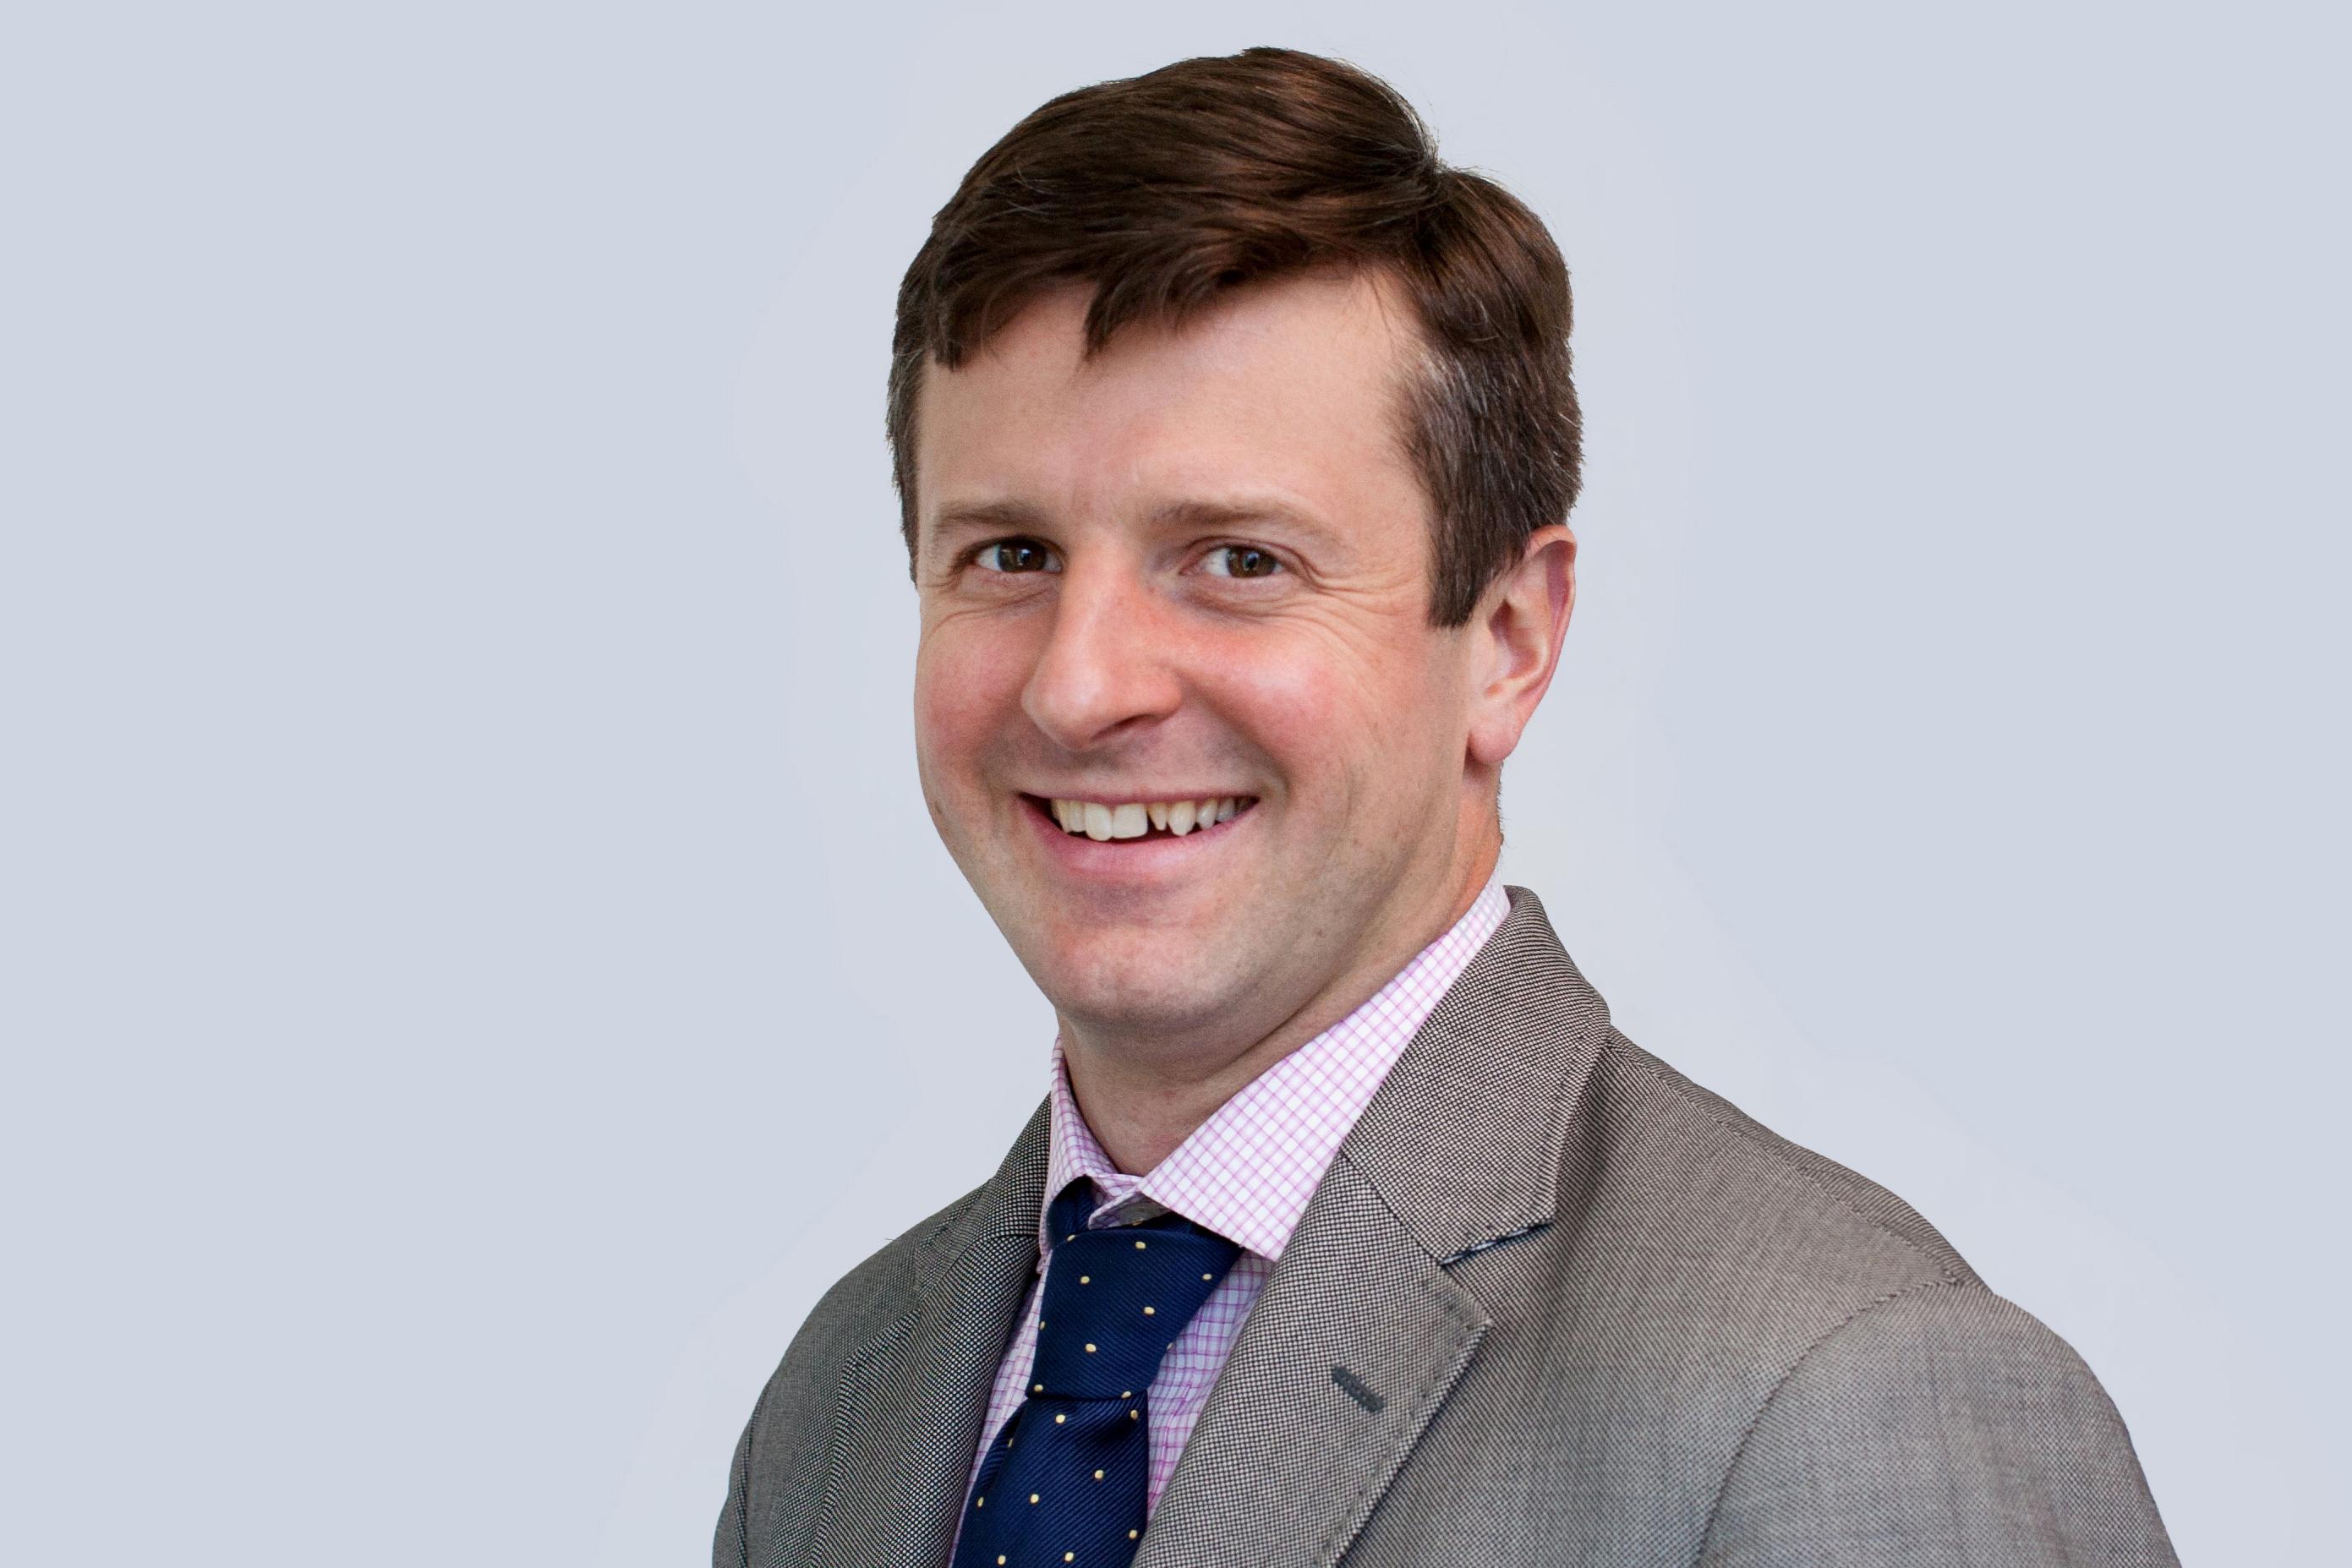 Reid Murphy